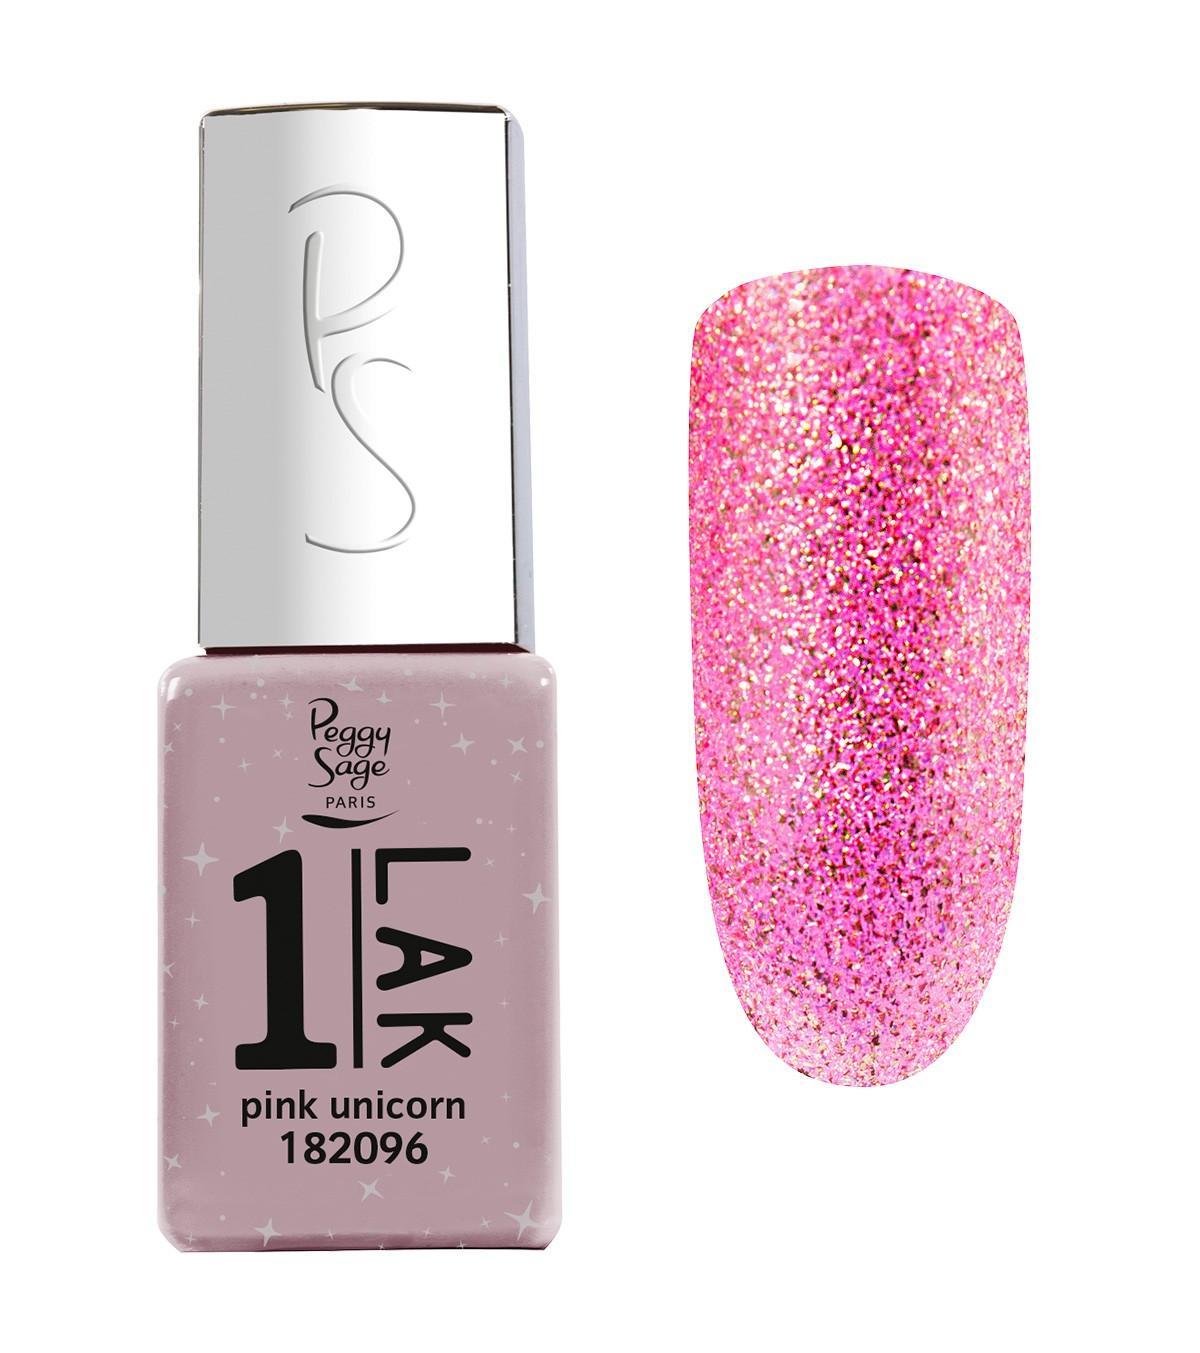 1-LAK Pink unicorn